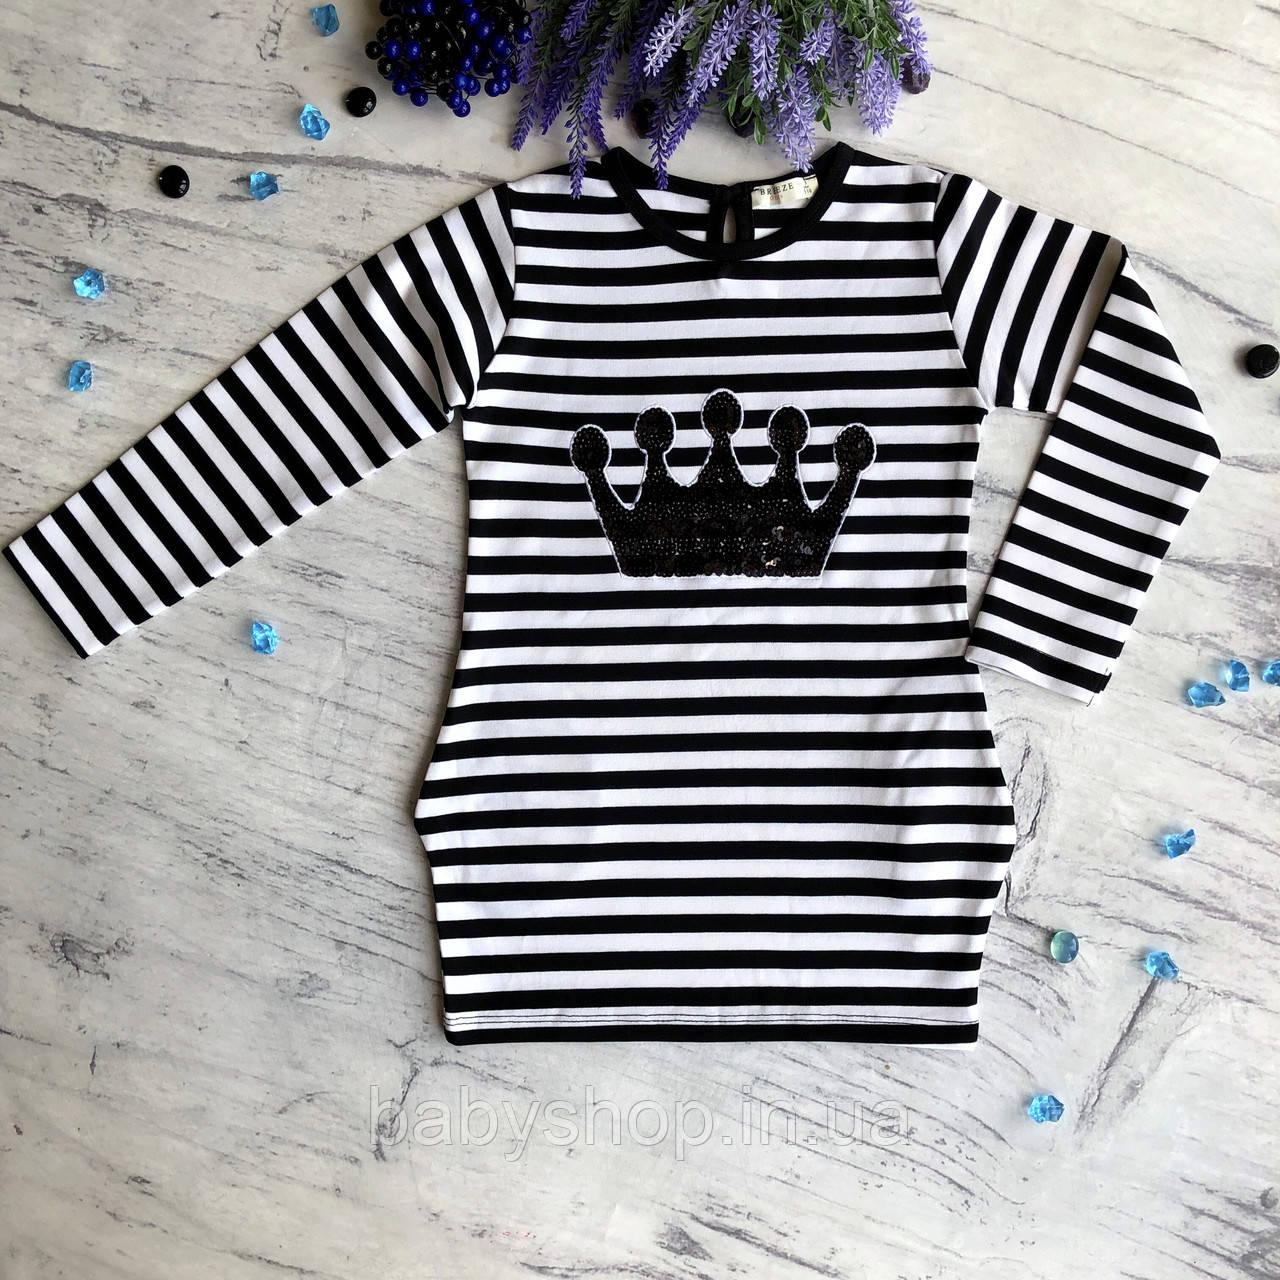 Легкое детское платье Breeze 125. Размер 110 см (5лет), 116 (6лет), 128 см (8лет), 134 (9лет), 140 см (10лет)